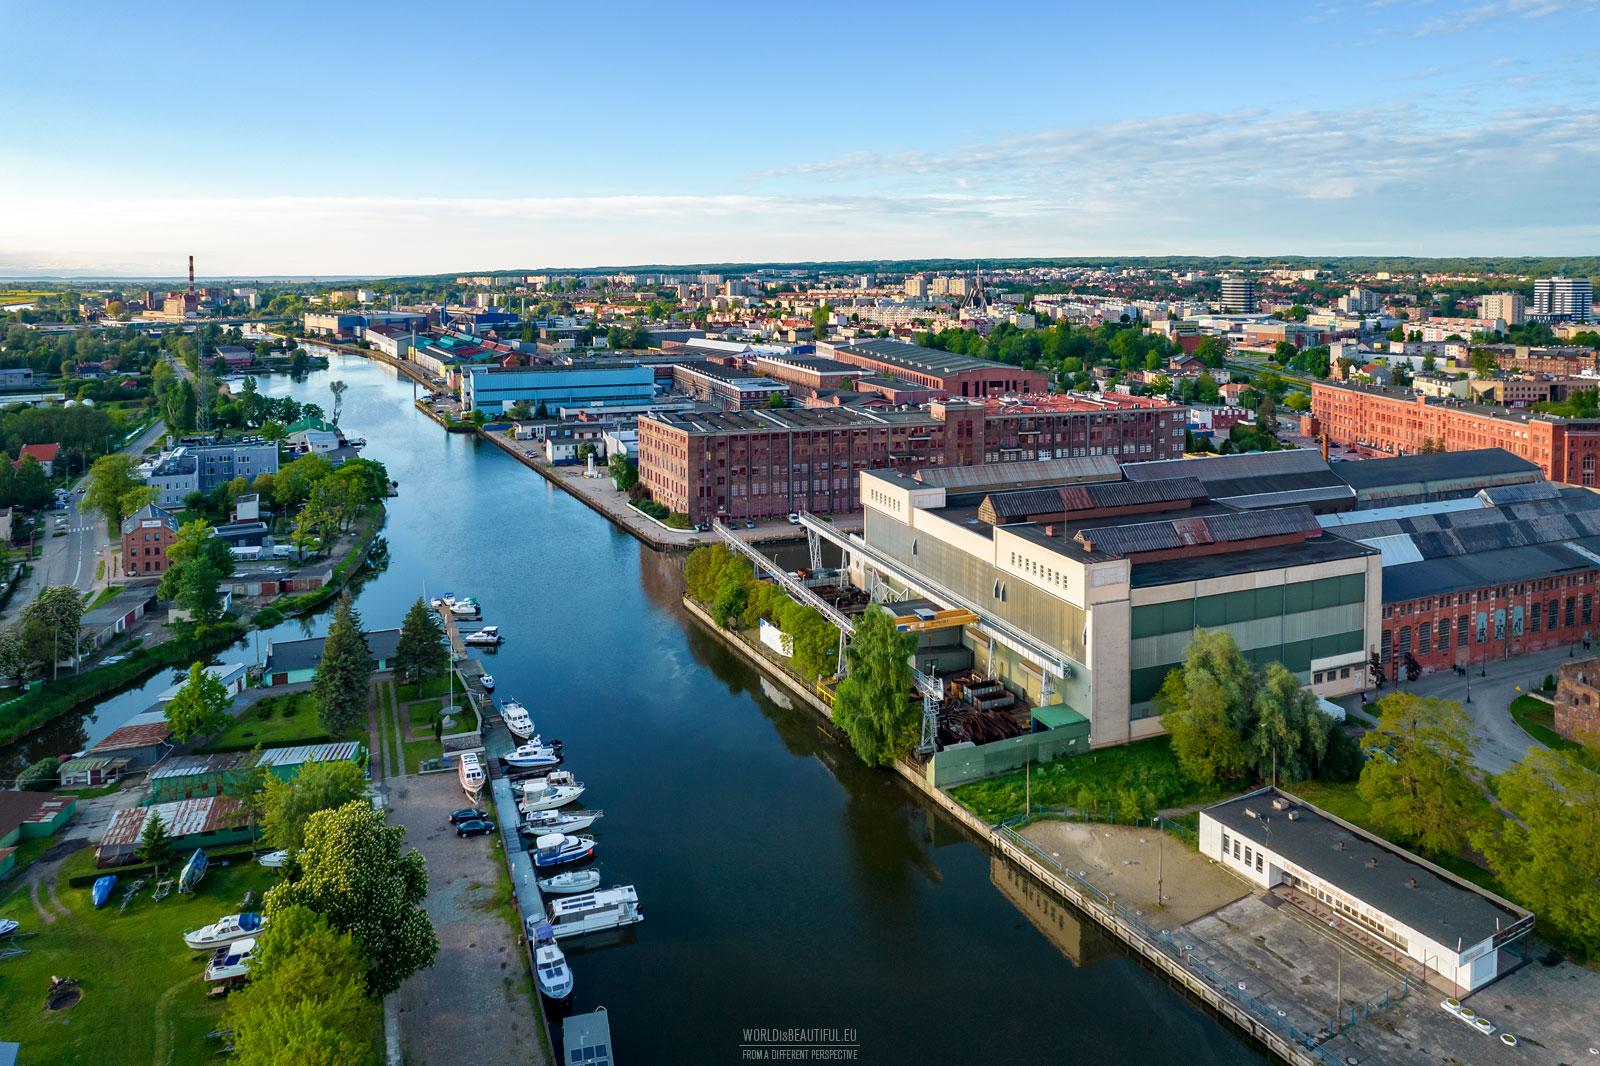 Industry in Elbląg